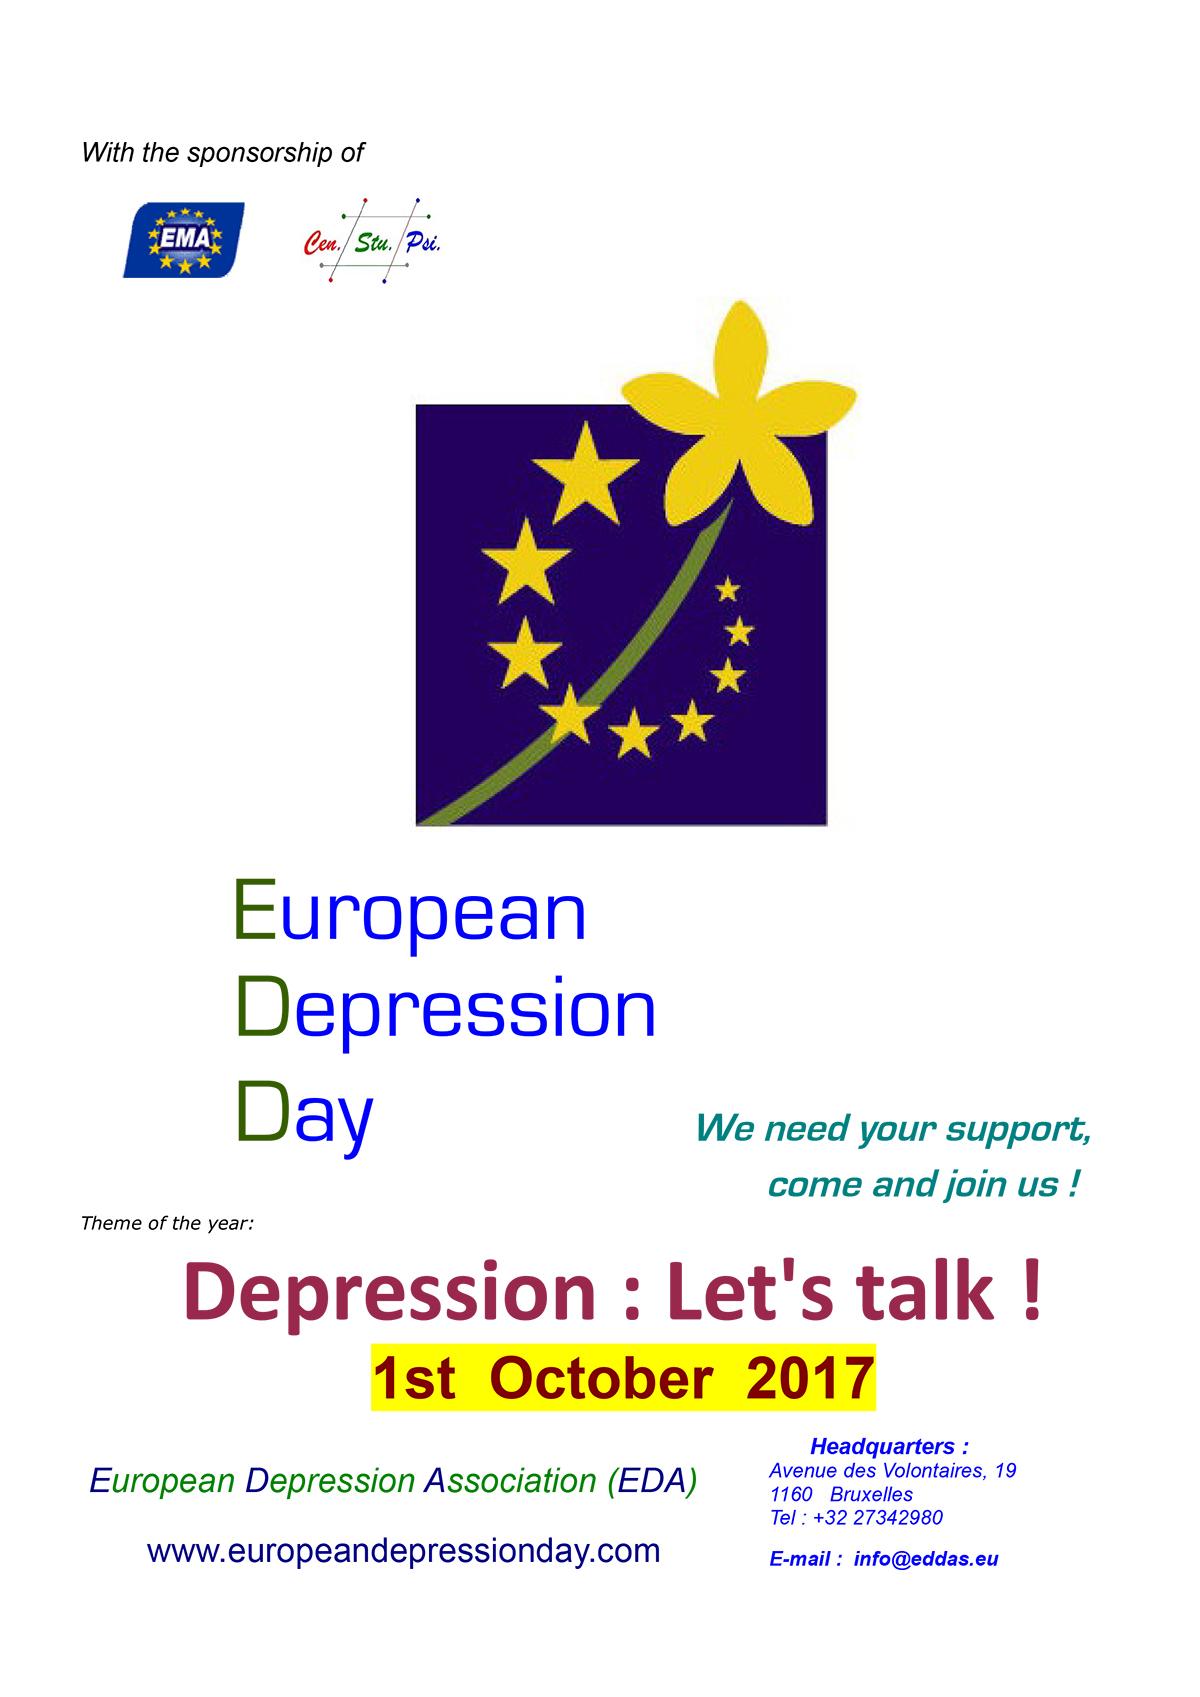 European Depression Day 2017